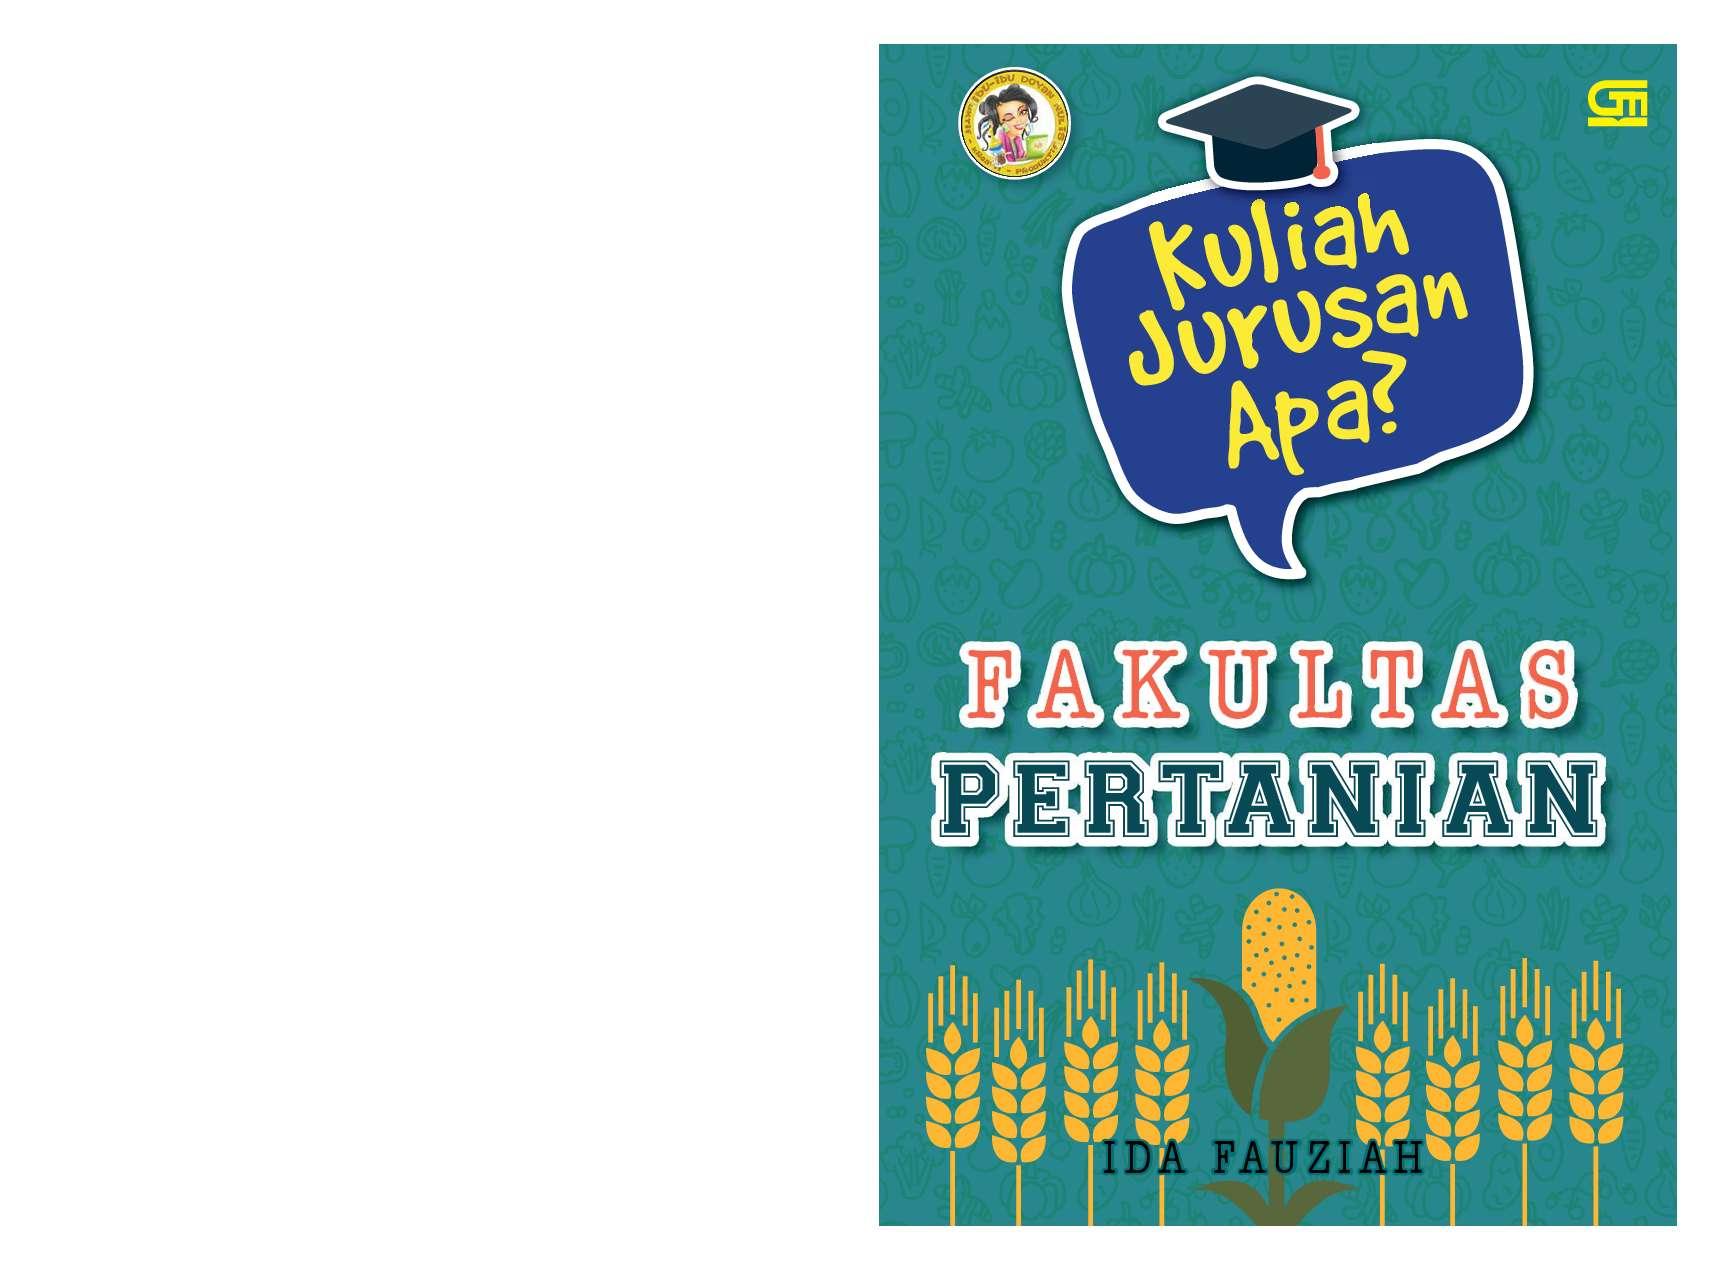 Jual Buku Kuliah Jurusan Apa Fakultan Pertanian Oleh Ida Fauziah